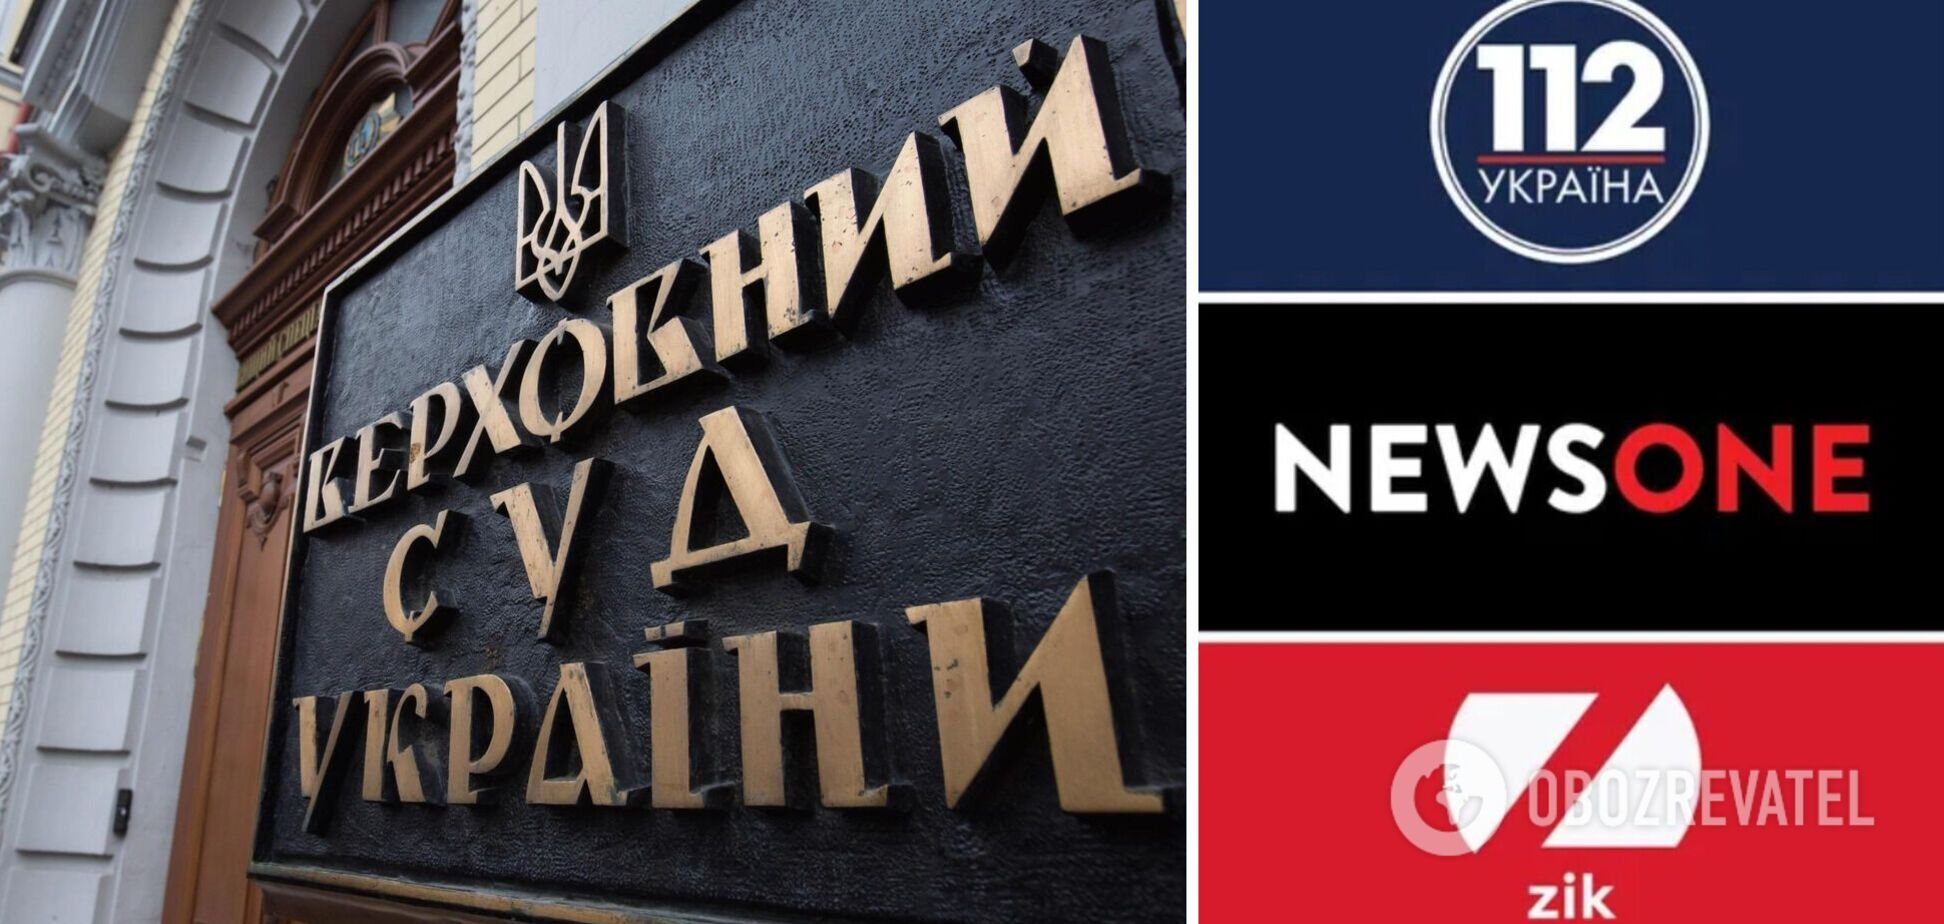 Верховний суд відмовив у позовах проти блокування каналів Медведчука